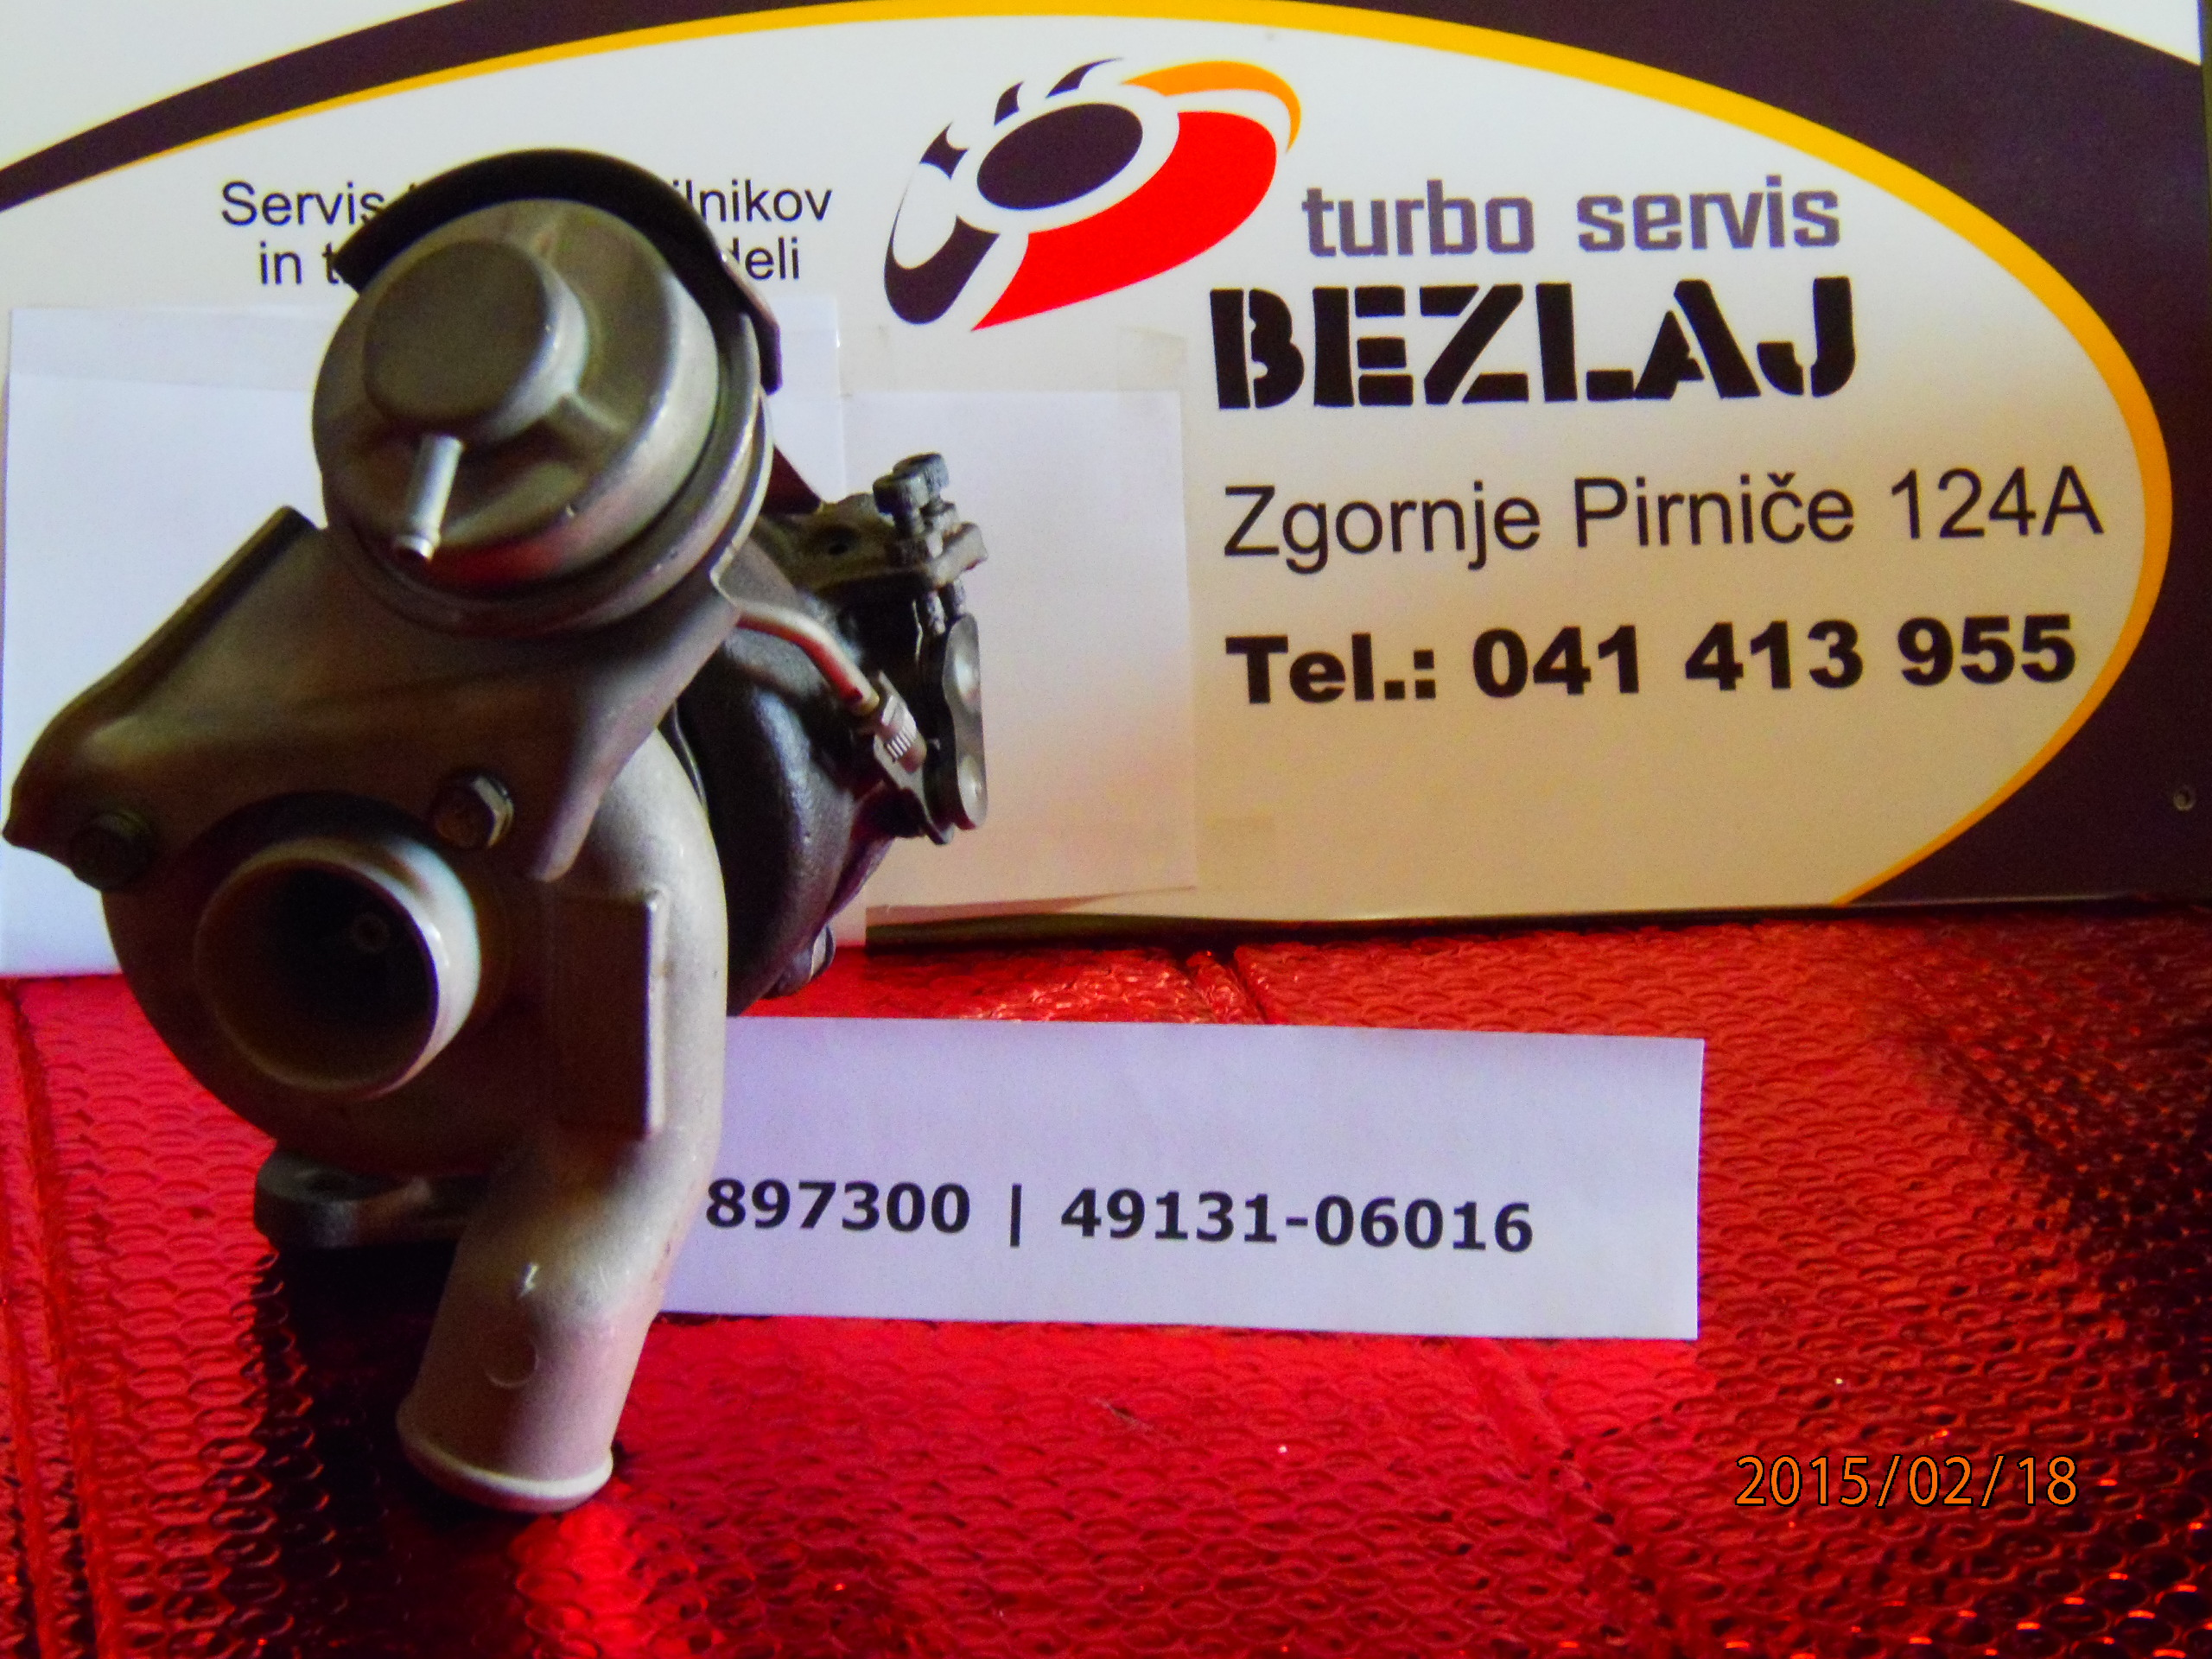 turbo49131-06016 2